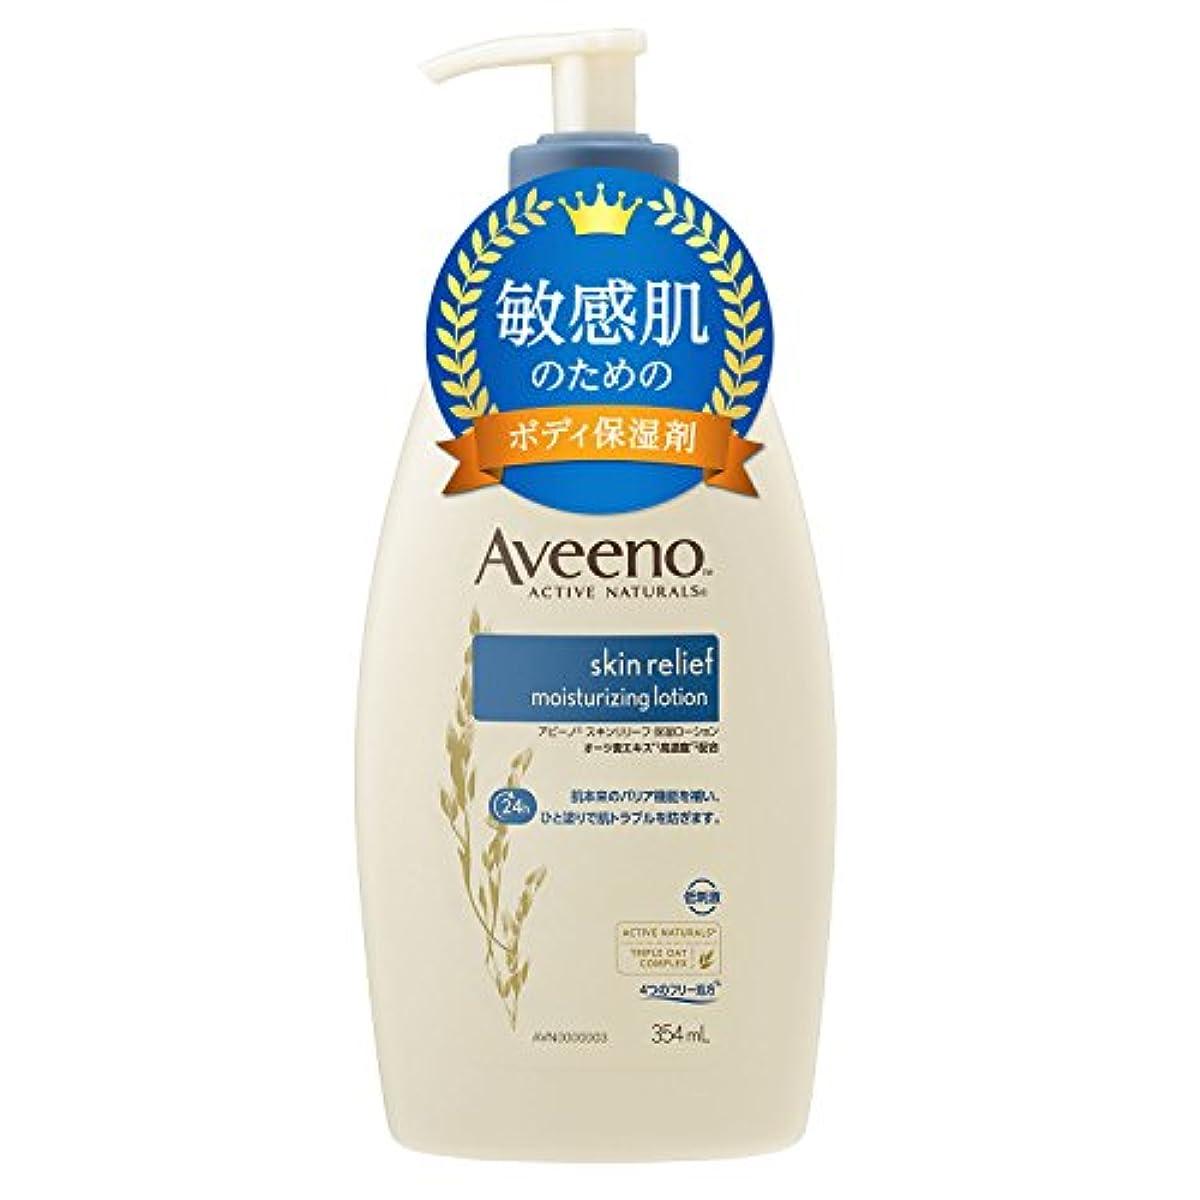 証人色アテンダント【Amazon.co.jp限定】Aveeno(アビーノ) スキンリリーフ 保湿ローション 354ml 【極度の乾燥肌、敏感肌の方向け】